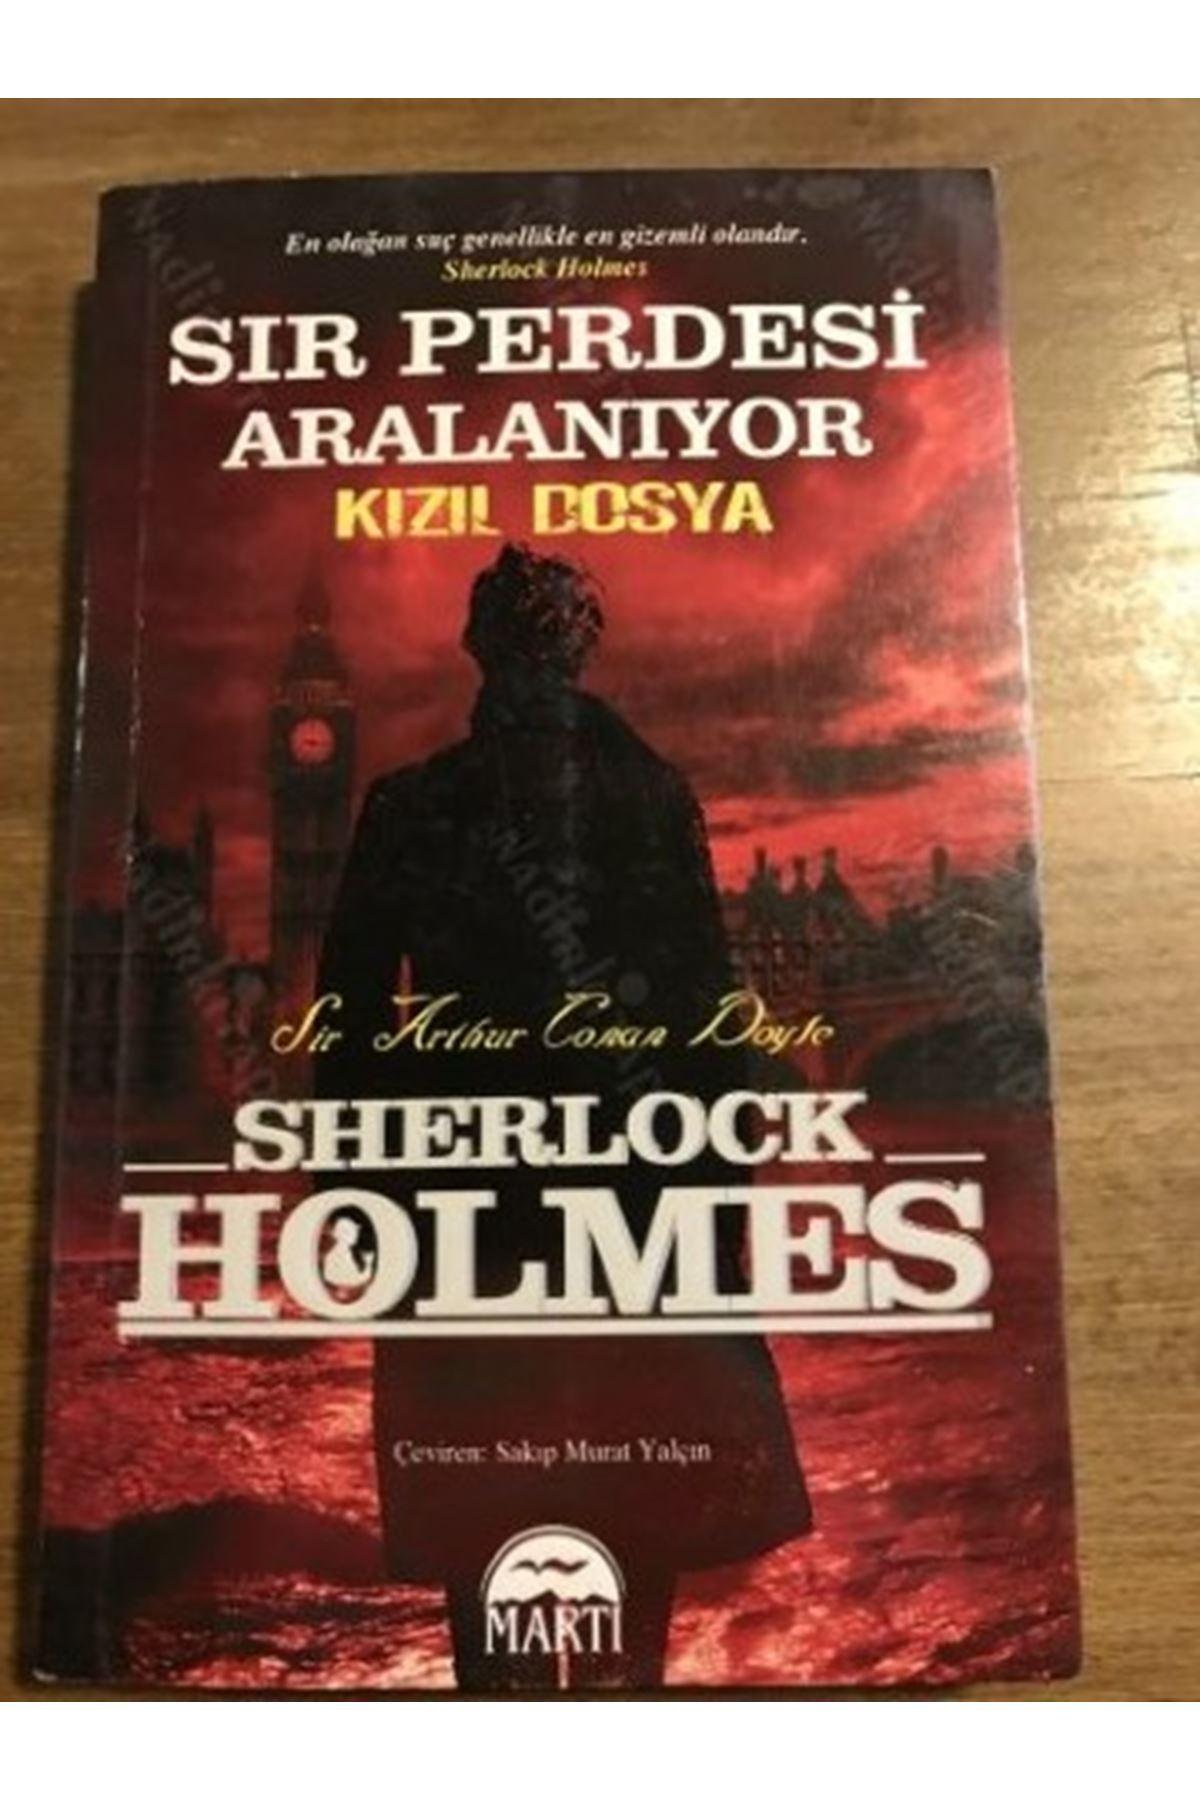 SHERLOCK HOLMES - SIR PERDESİ ARALANIYOR